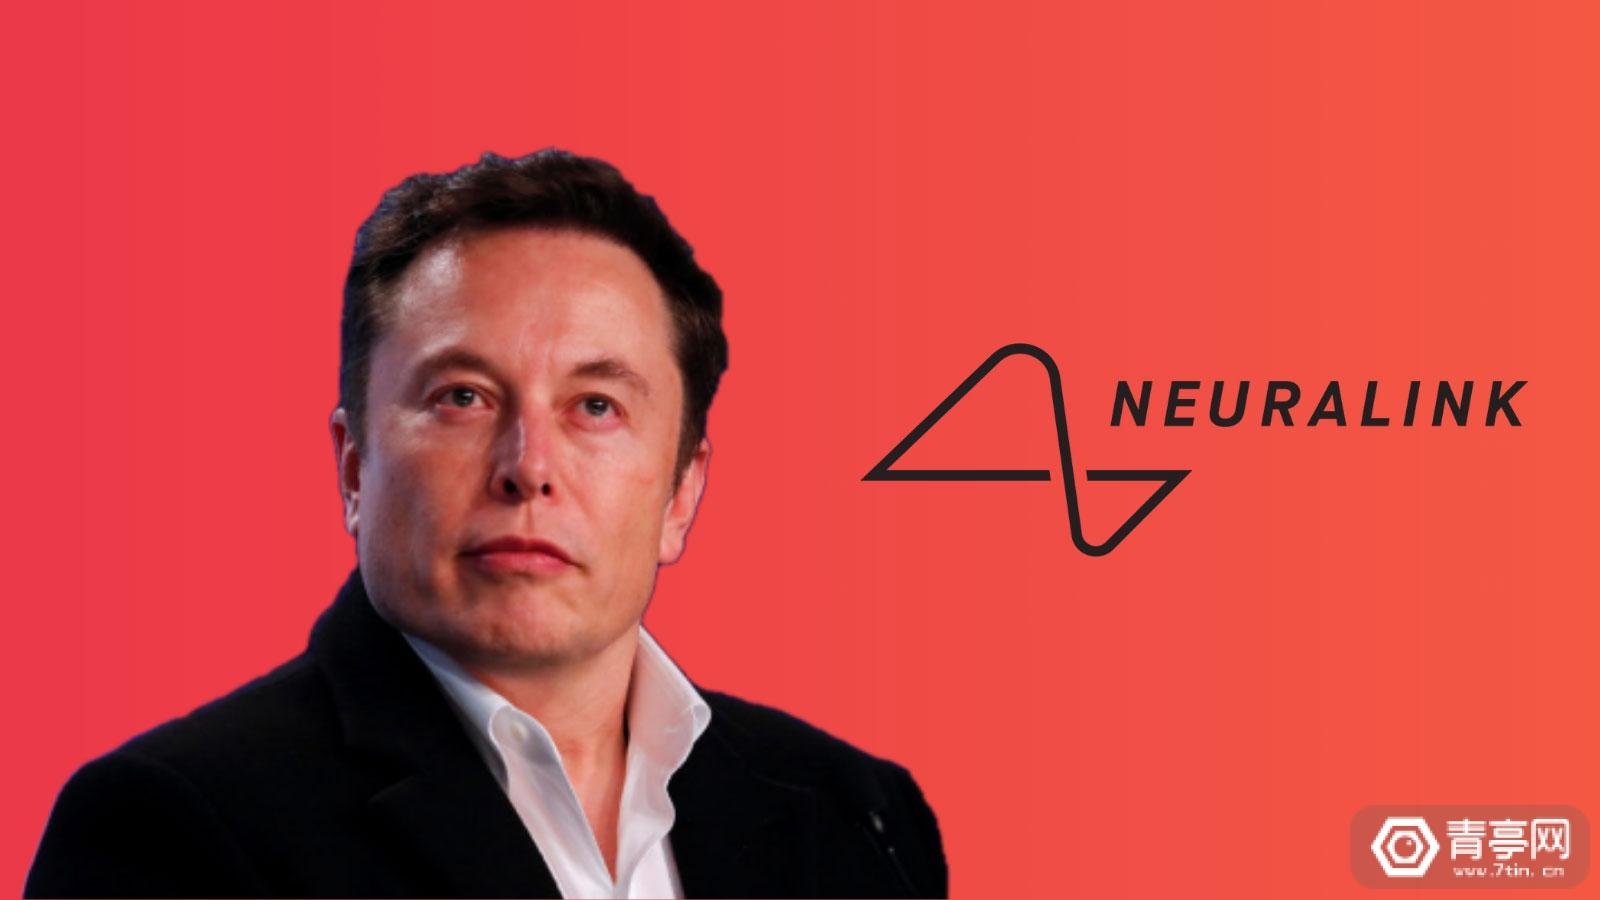 从疯狂想法到逐步推进,马斯克Neuralink的脑机接口梦